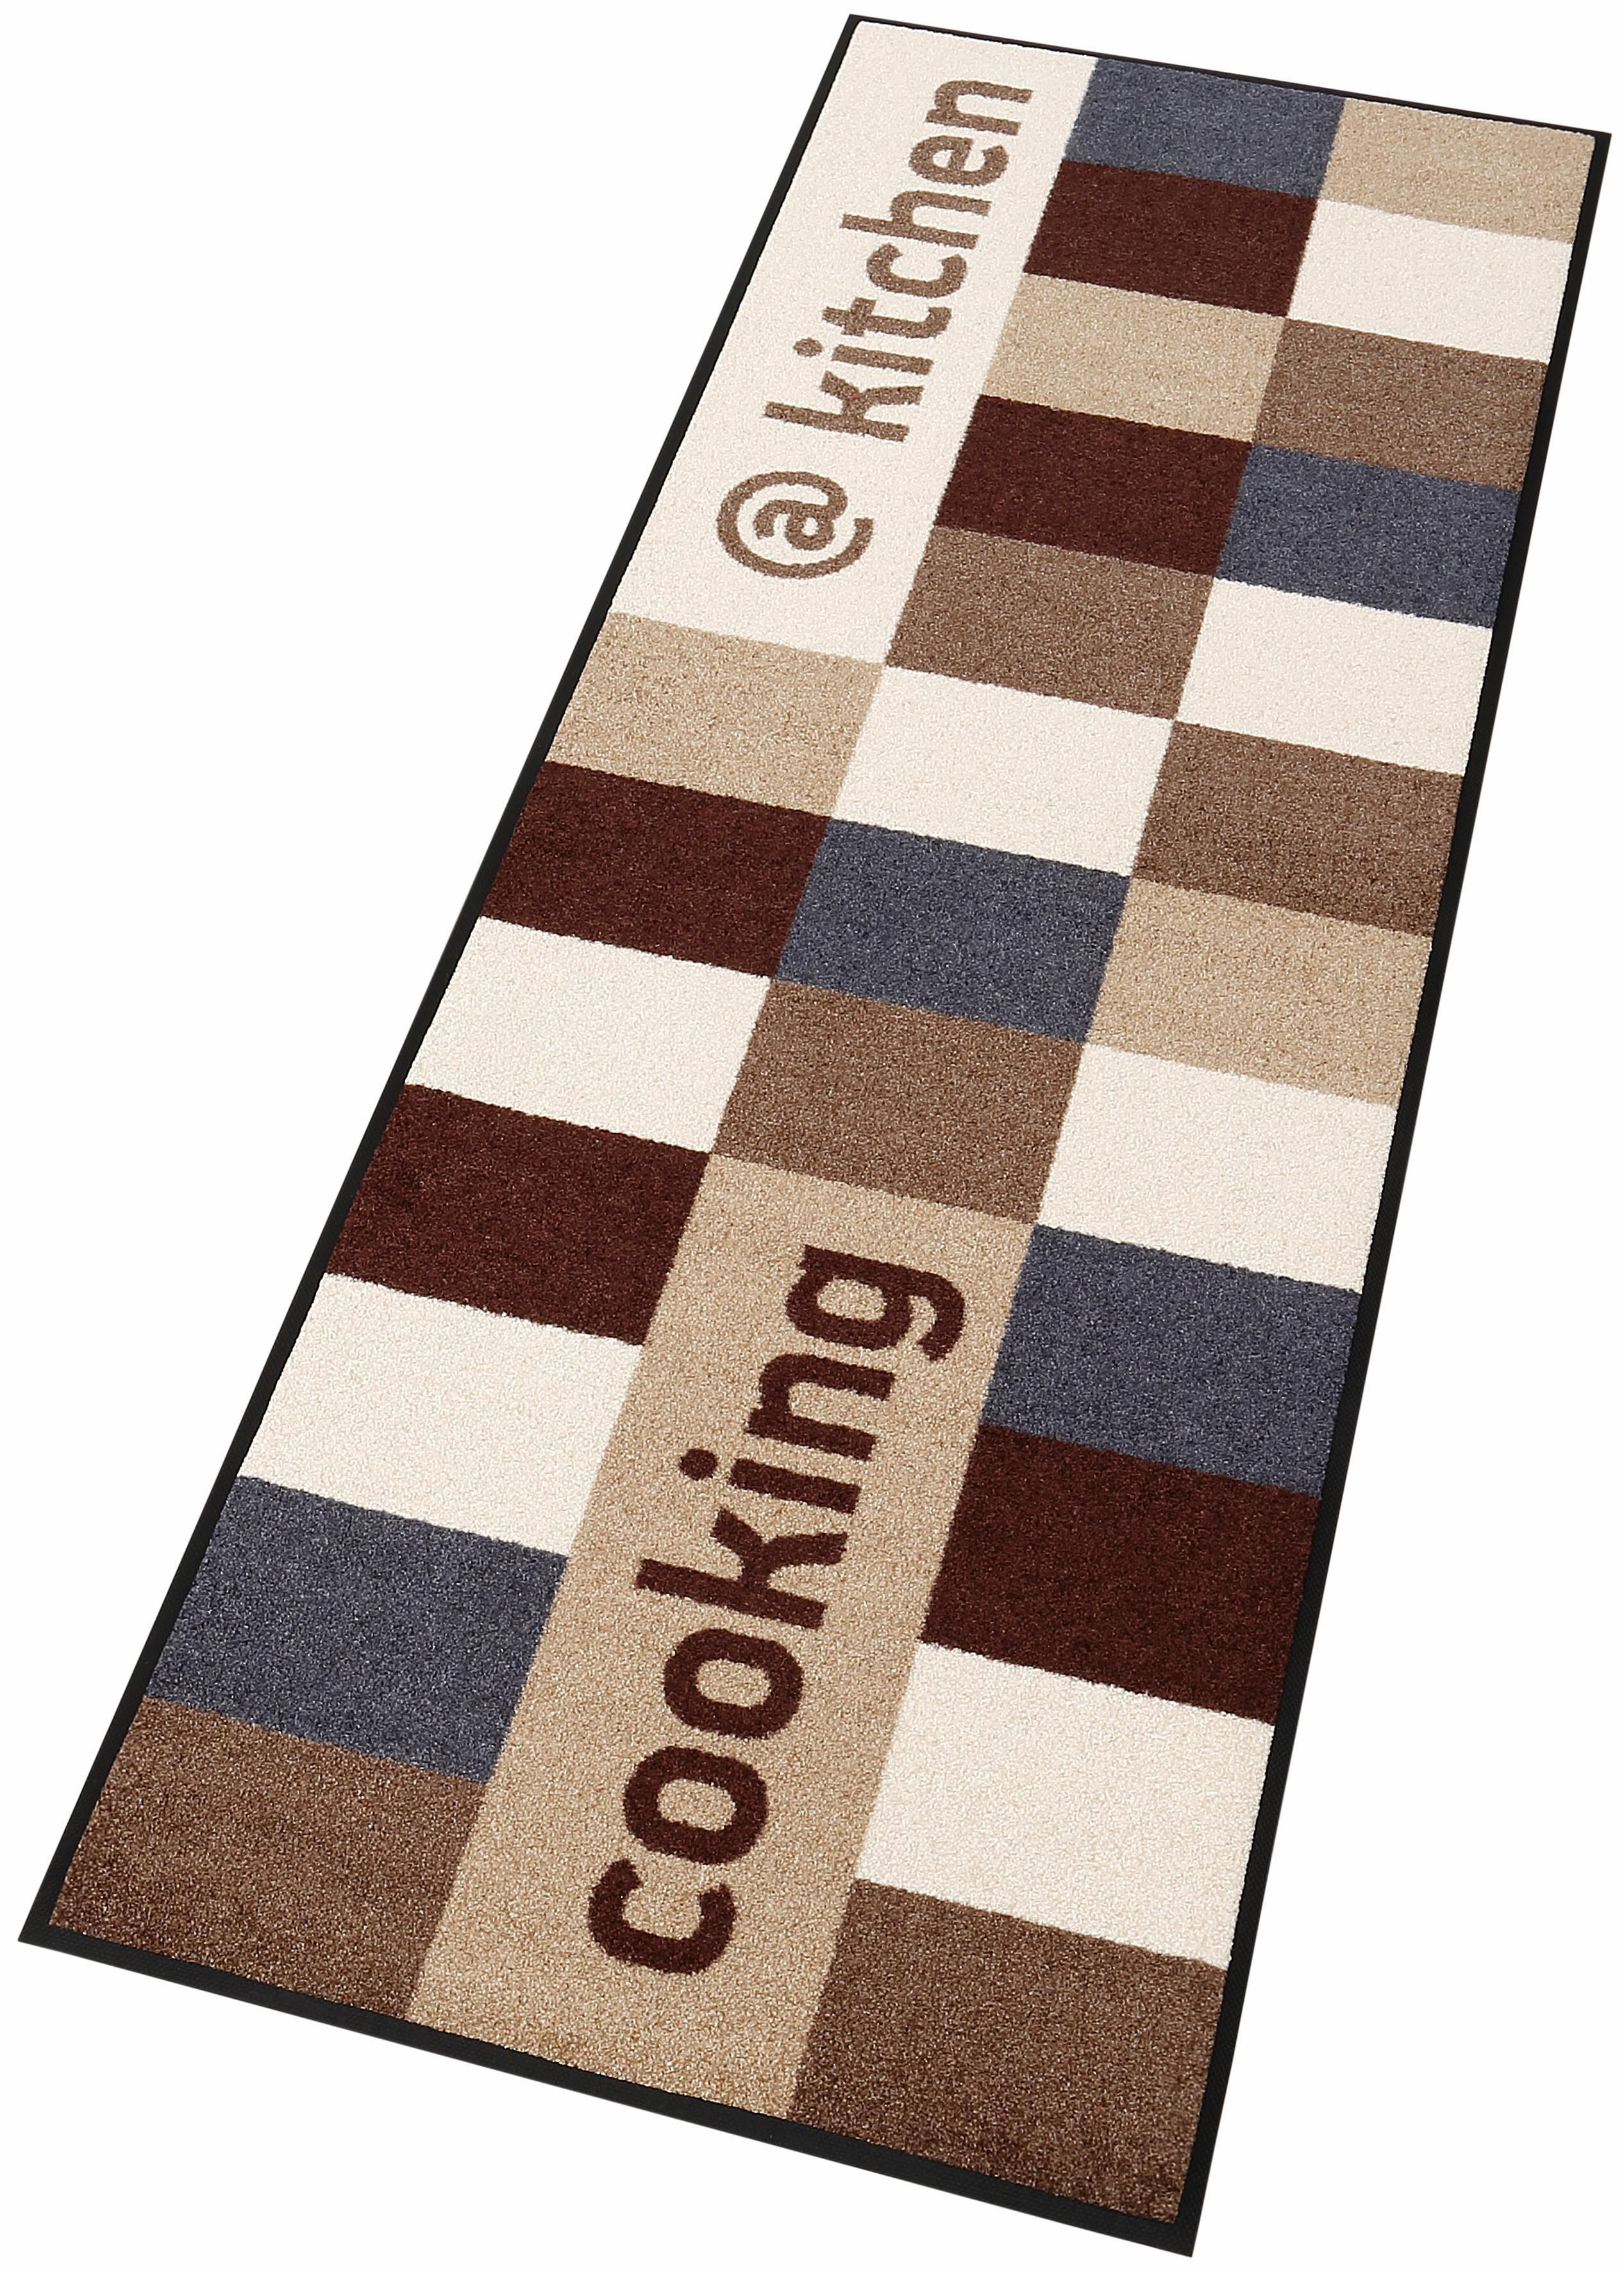 Läufer @kitchen brownish wash+dry by Kleen-Tex rechteckig Höhe 7 mm gedruckt